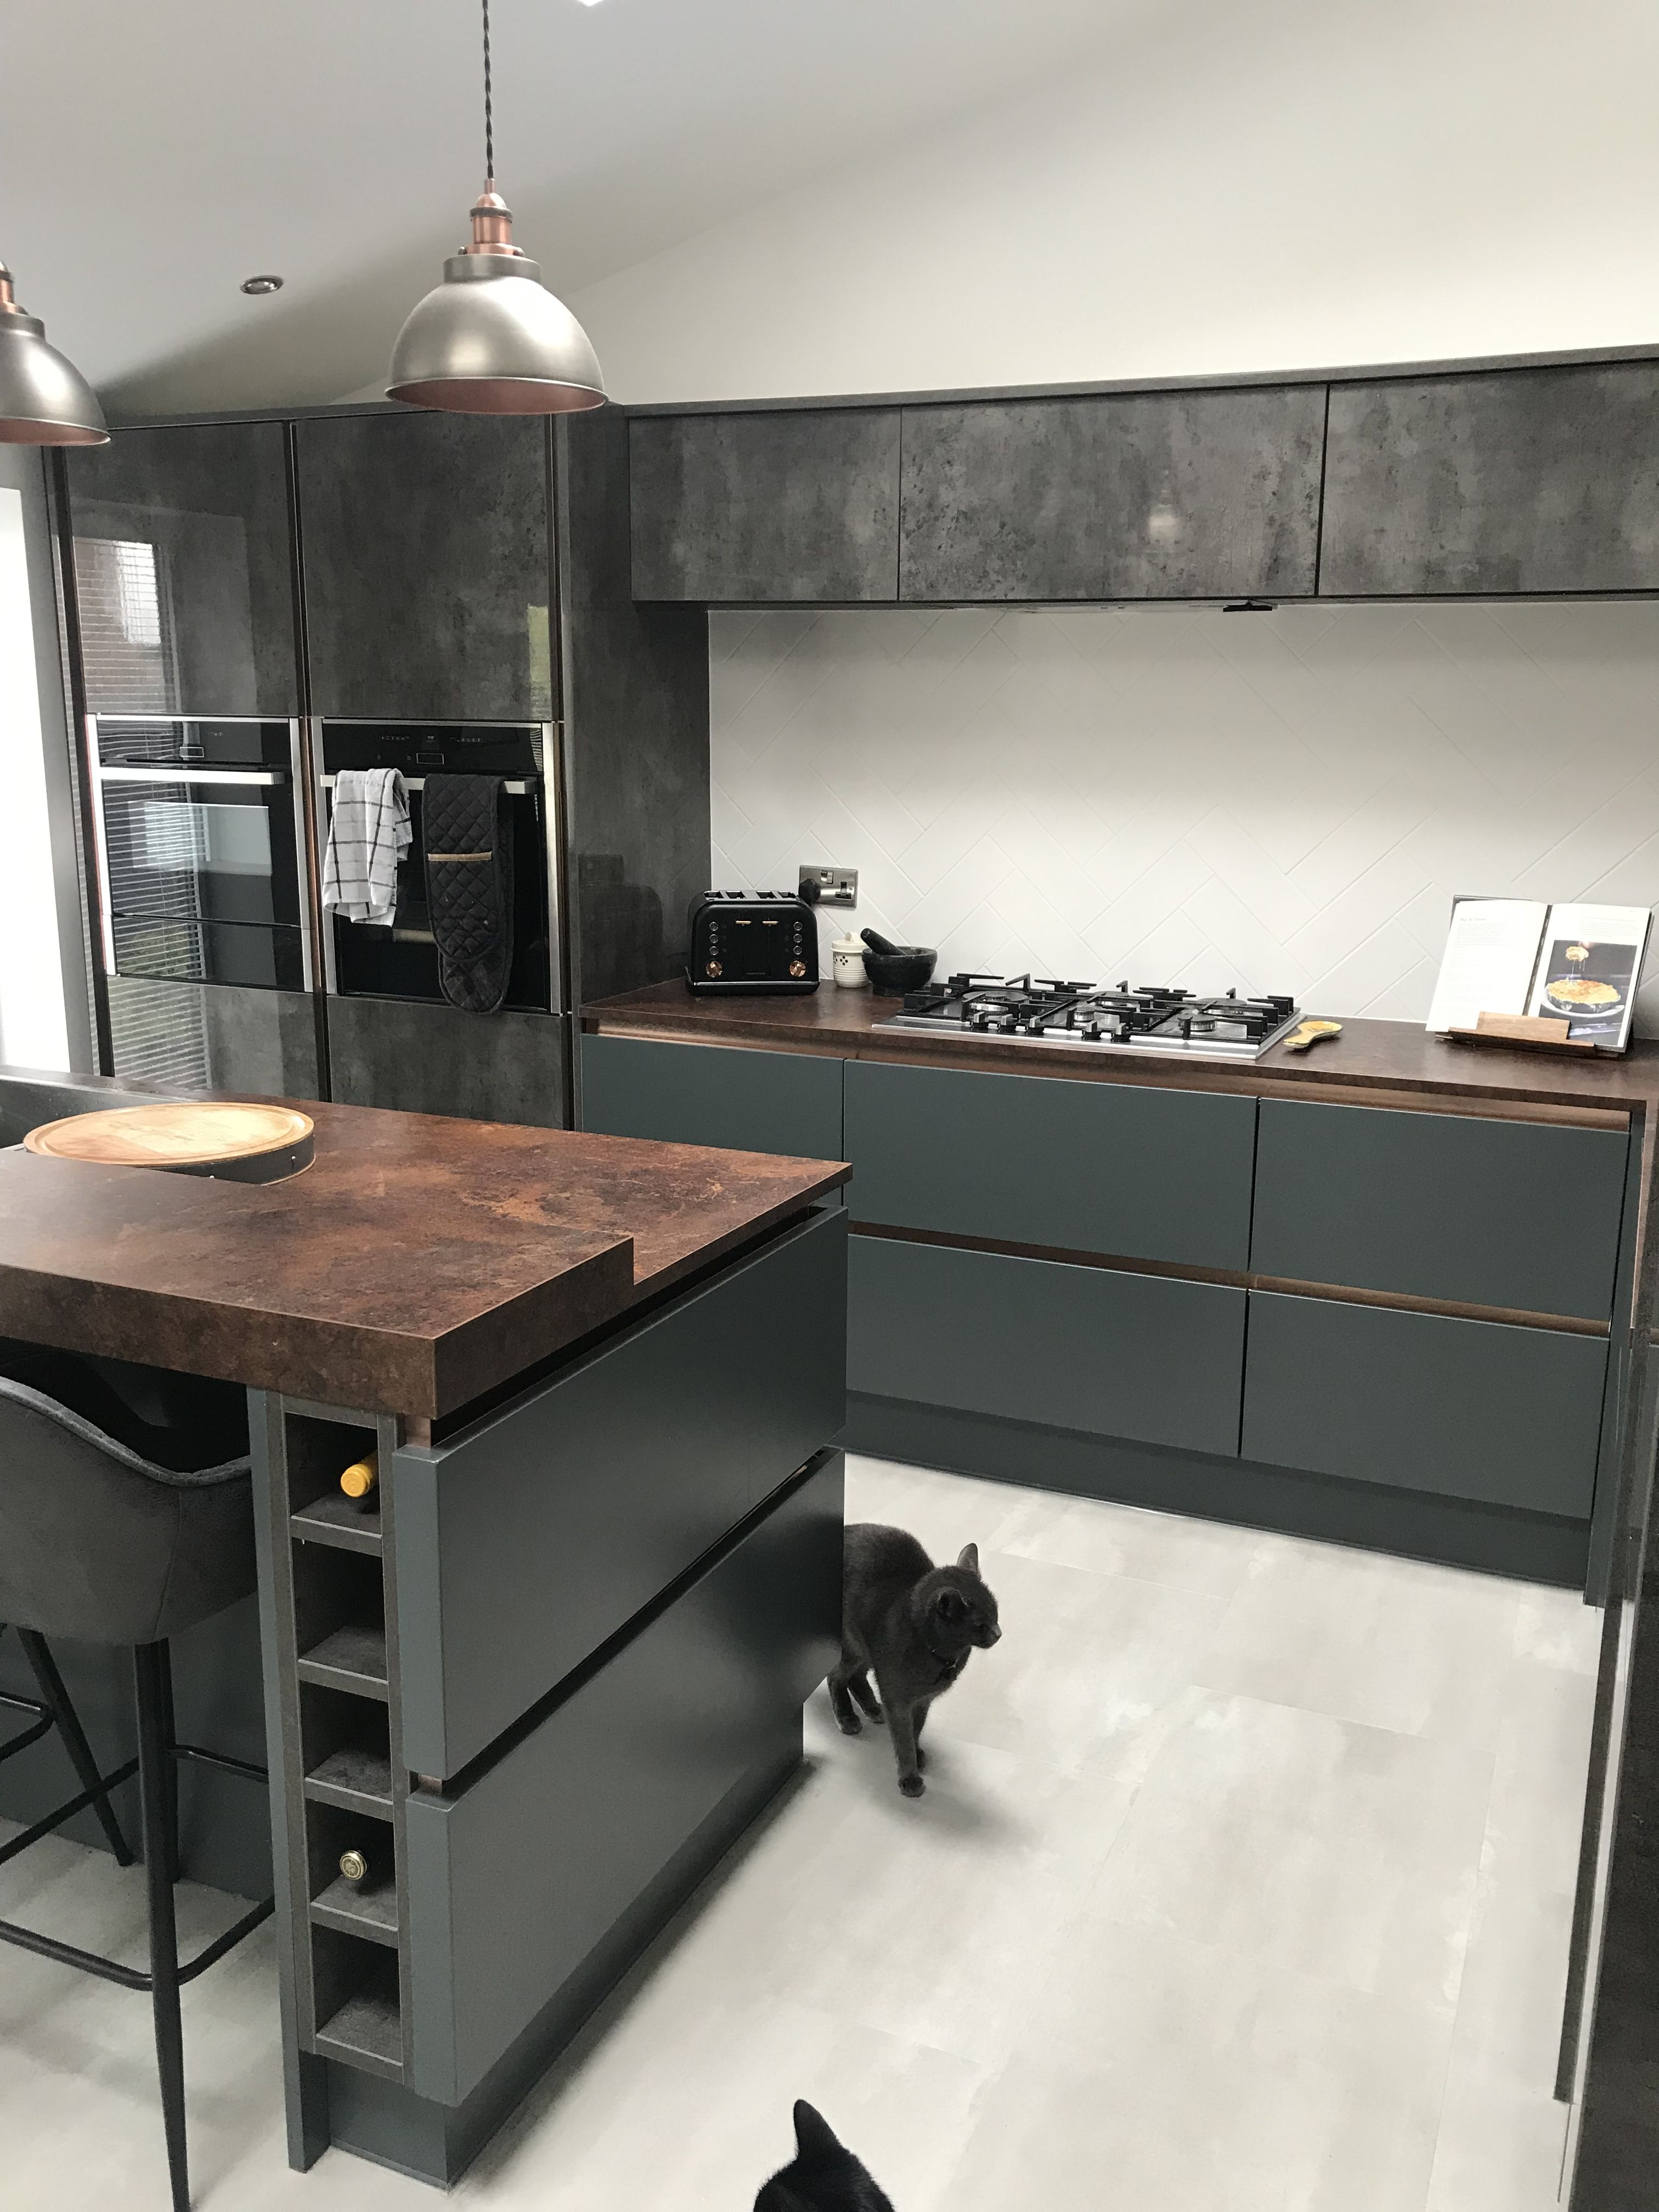 Our new wren kitchen wren kitchen kitchen room design